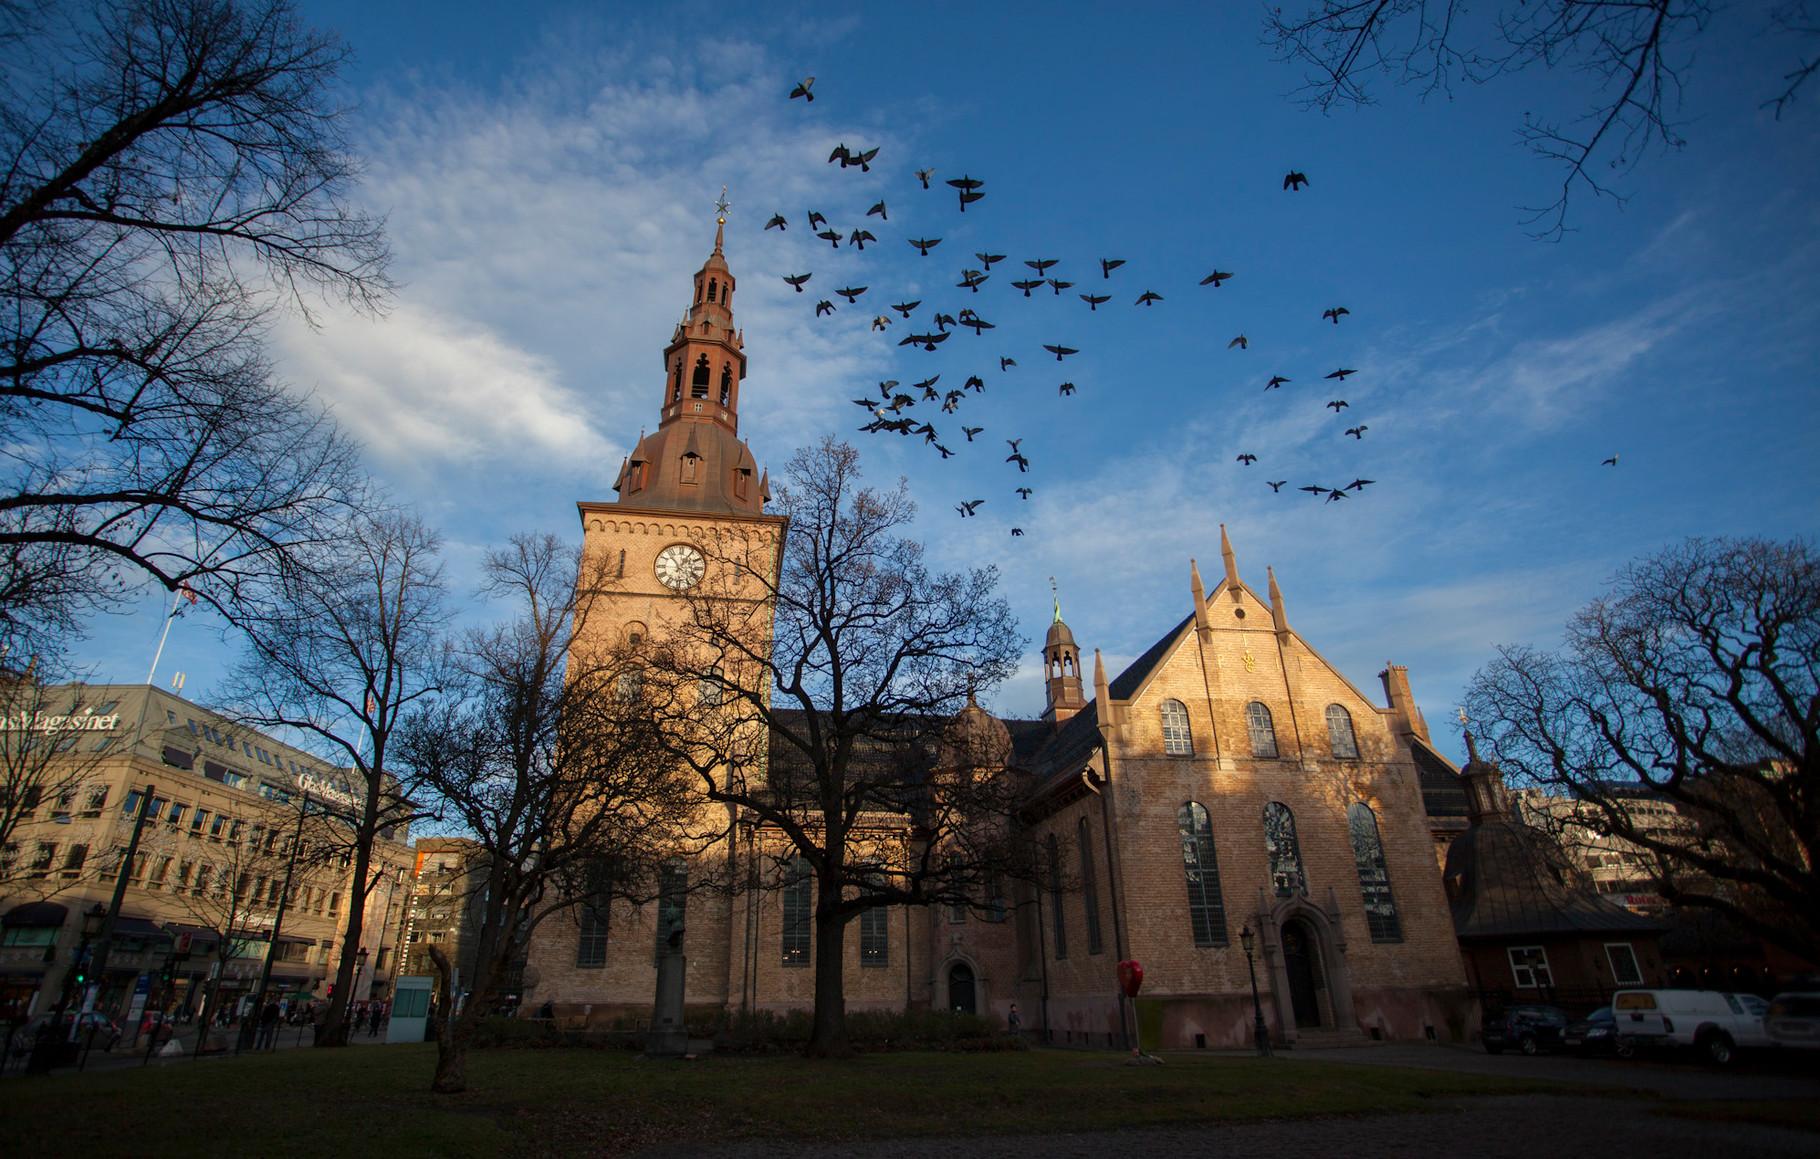 Cathédrale d'Oslo (Domkirke)